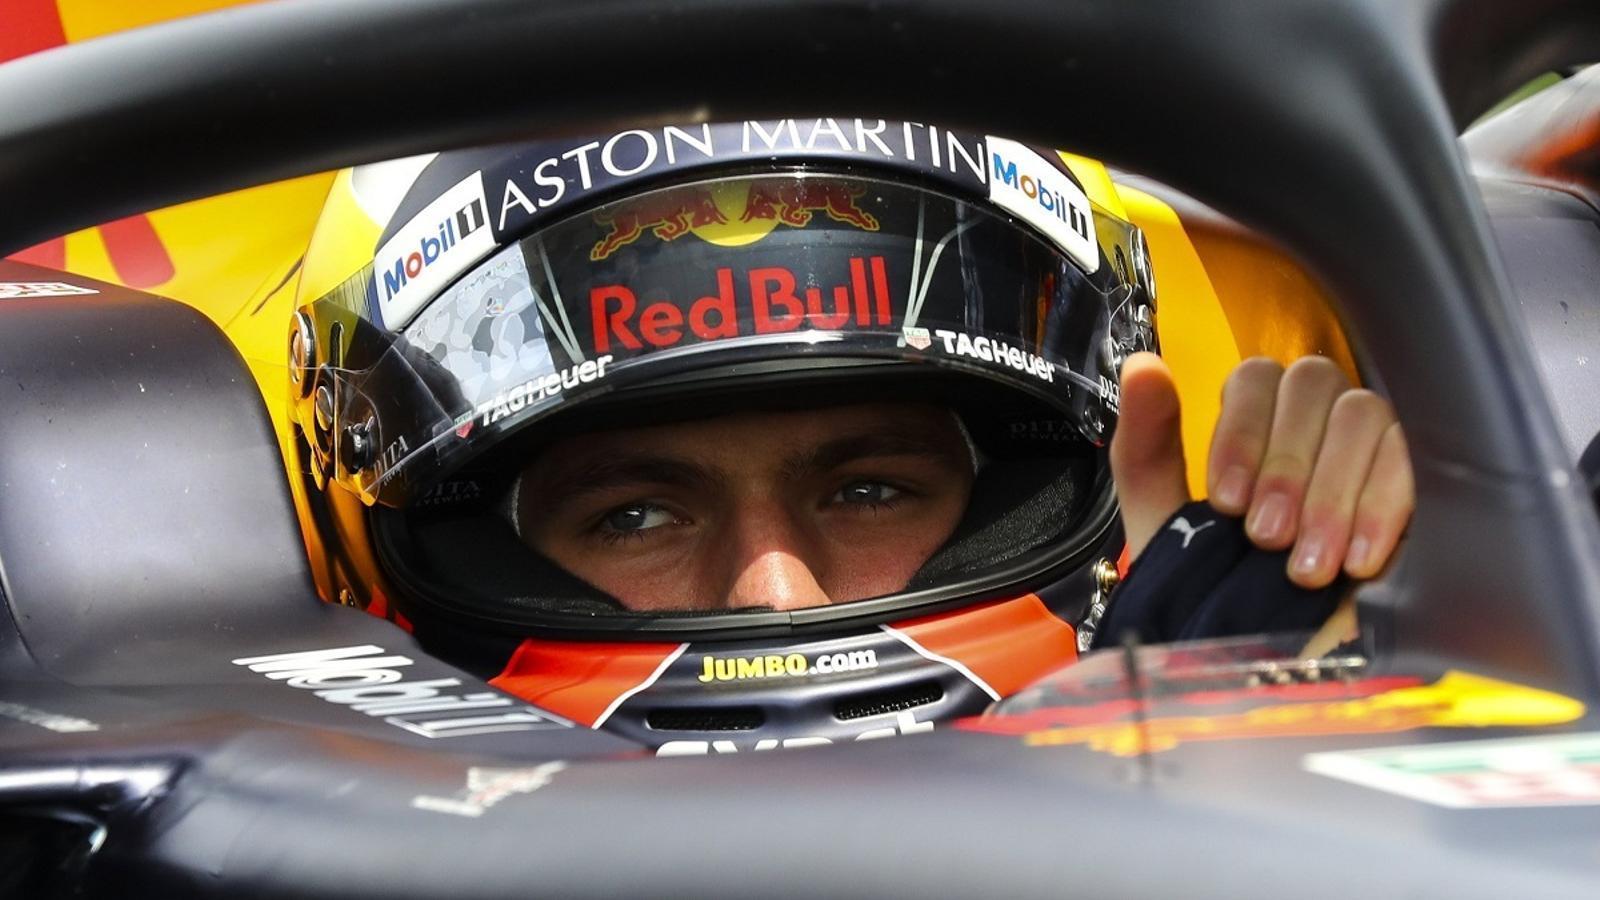 Max Verstappen, durant el Gran Premi de la Xina de F1